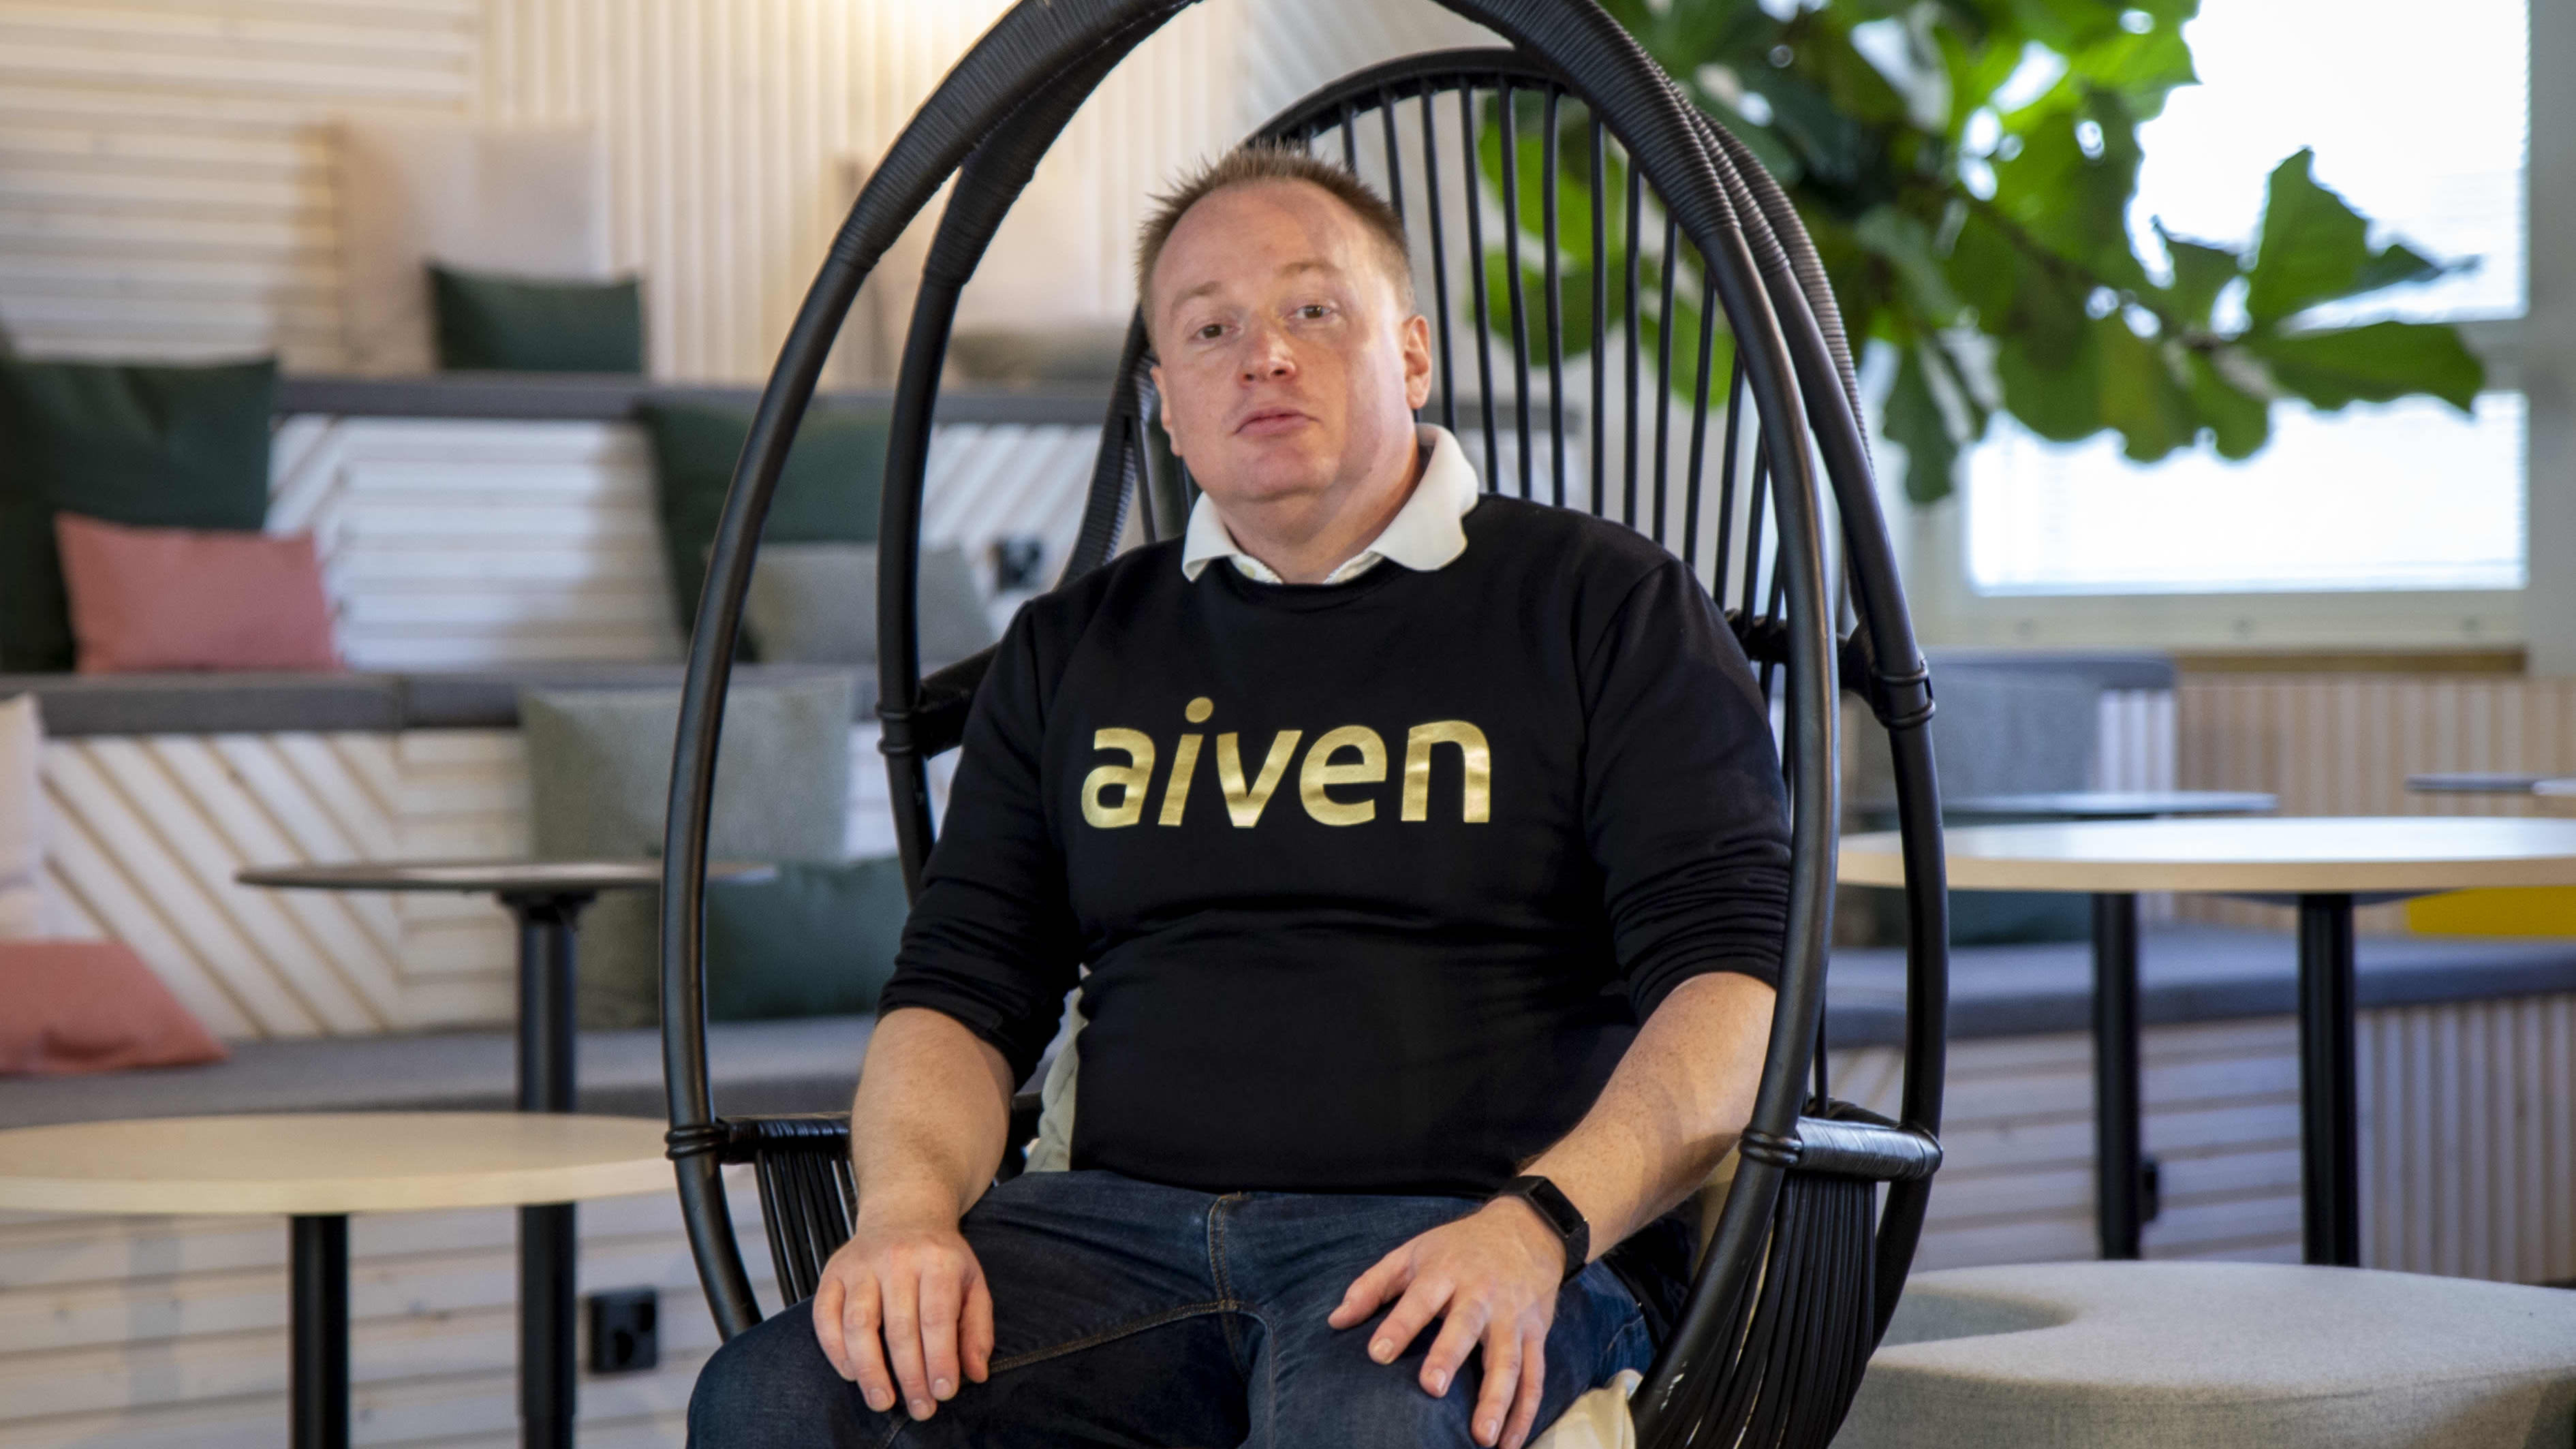 Ohjelmistoyhtiö Aivenen tuotejohtaja Hannu Valtonen Helsingin keskustassa sijaitsevassa konttorissa.